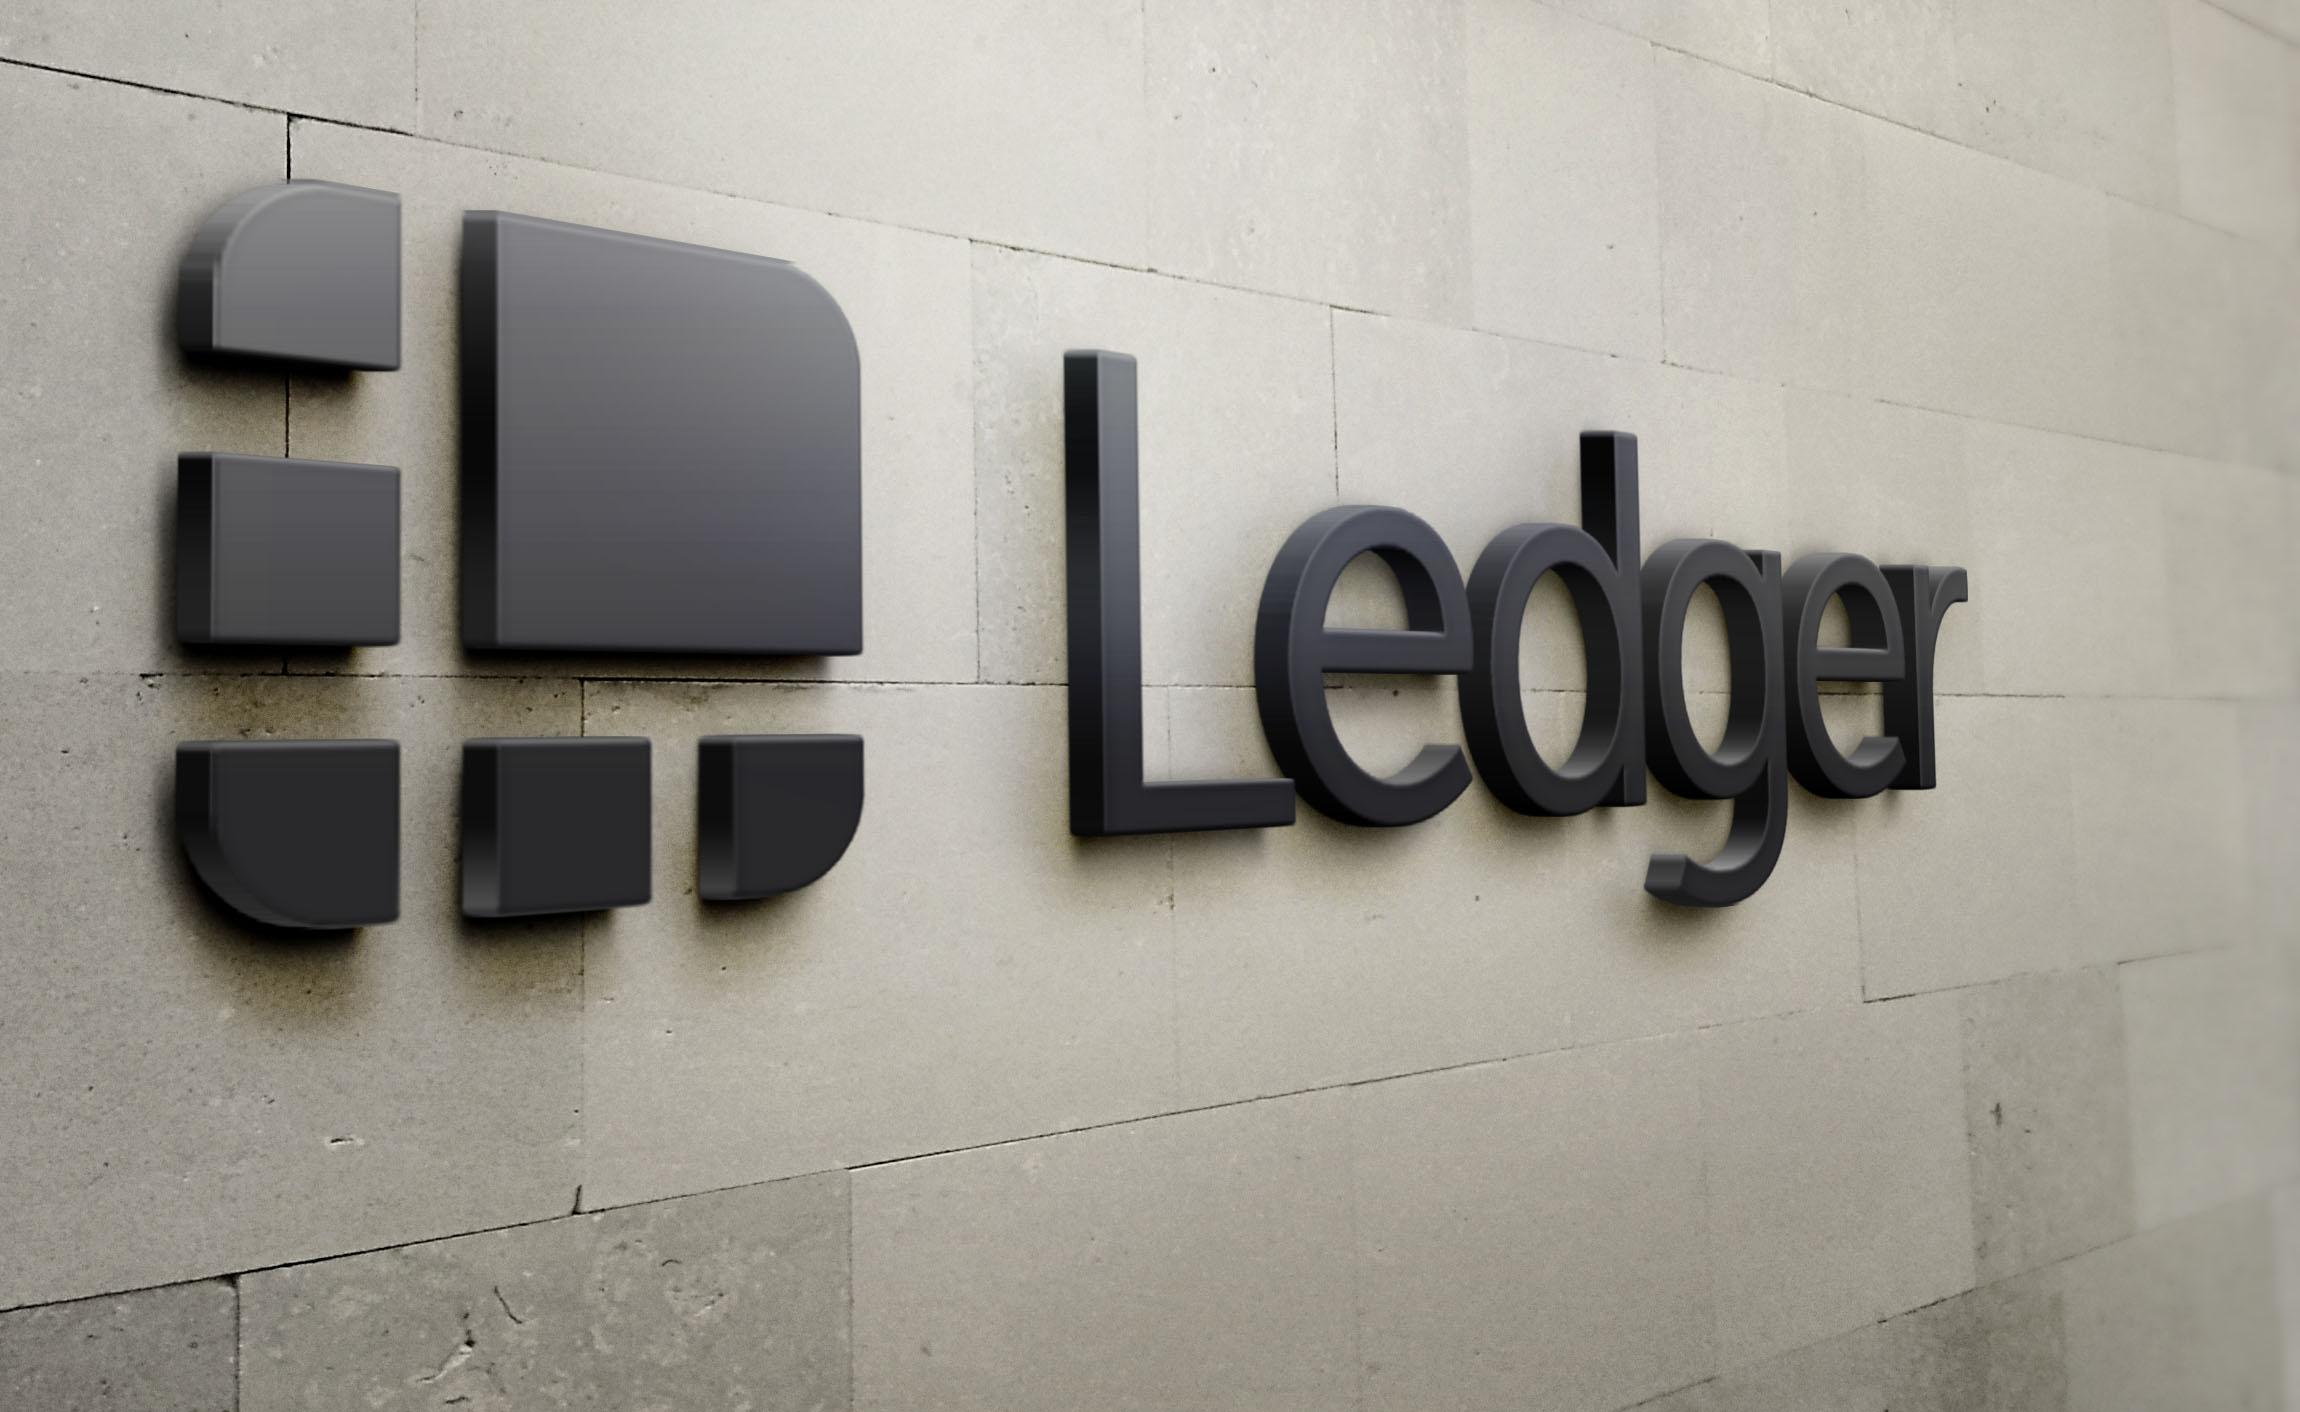 Náhledový obrázek článku Ledger zaznamenal loni rekordní zisk